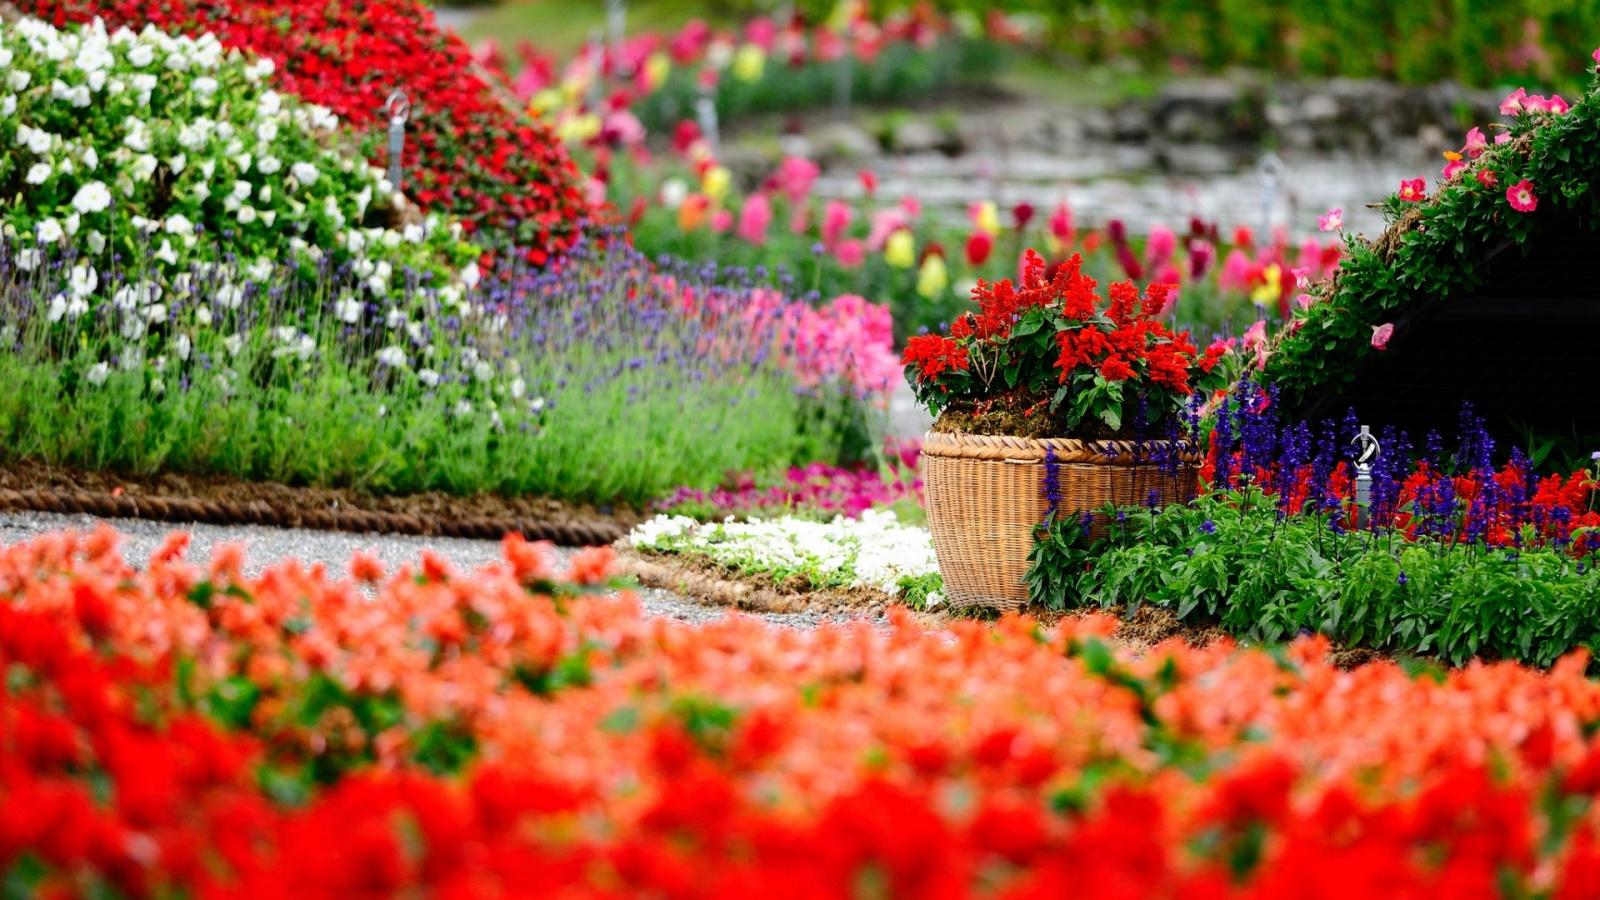 Amazing Flower Garden Wallpapers   1600x900   557108 1600x900